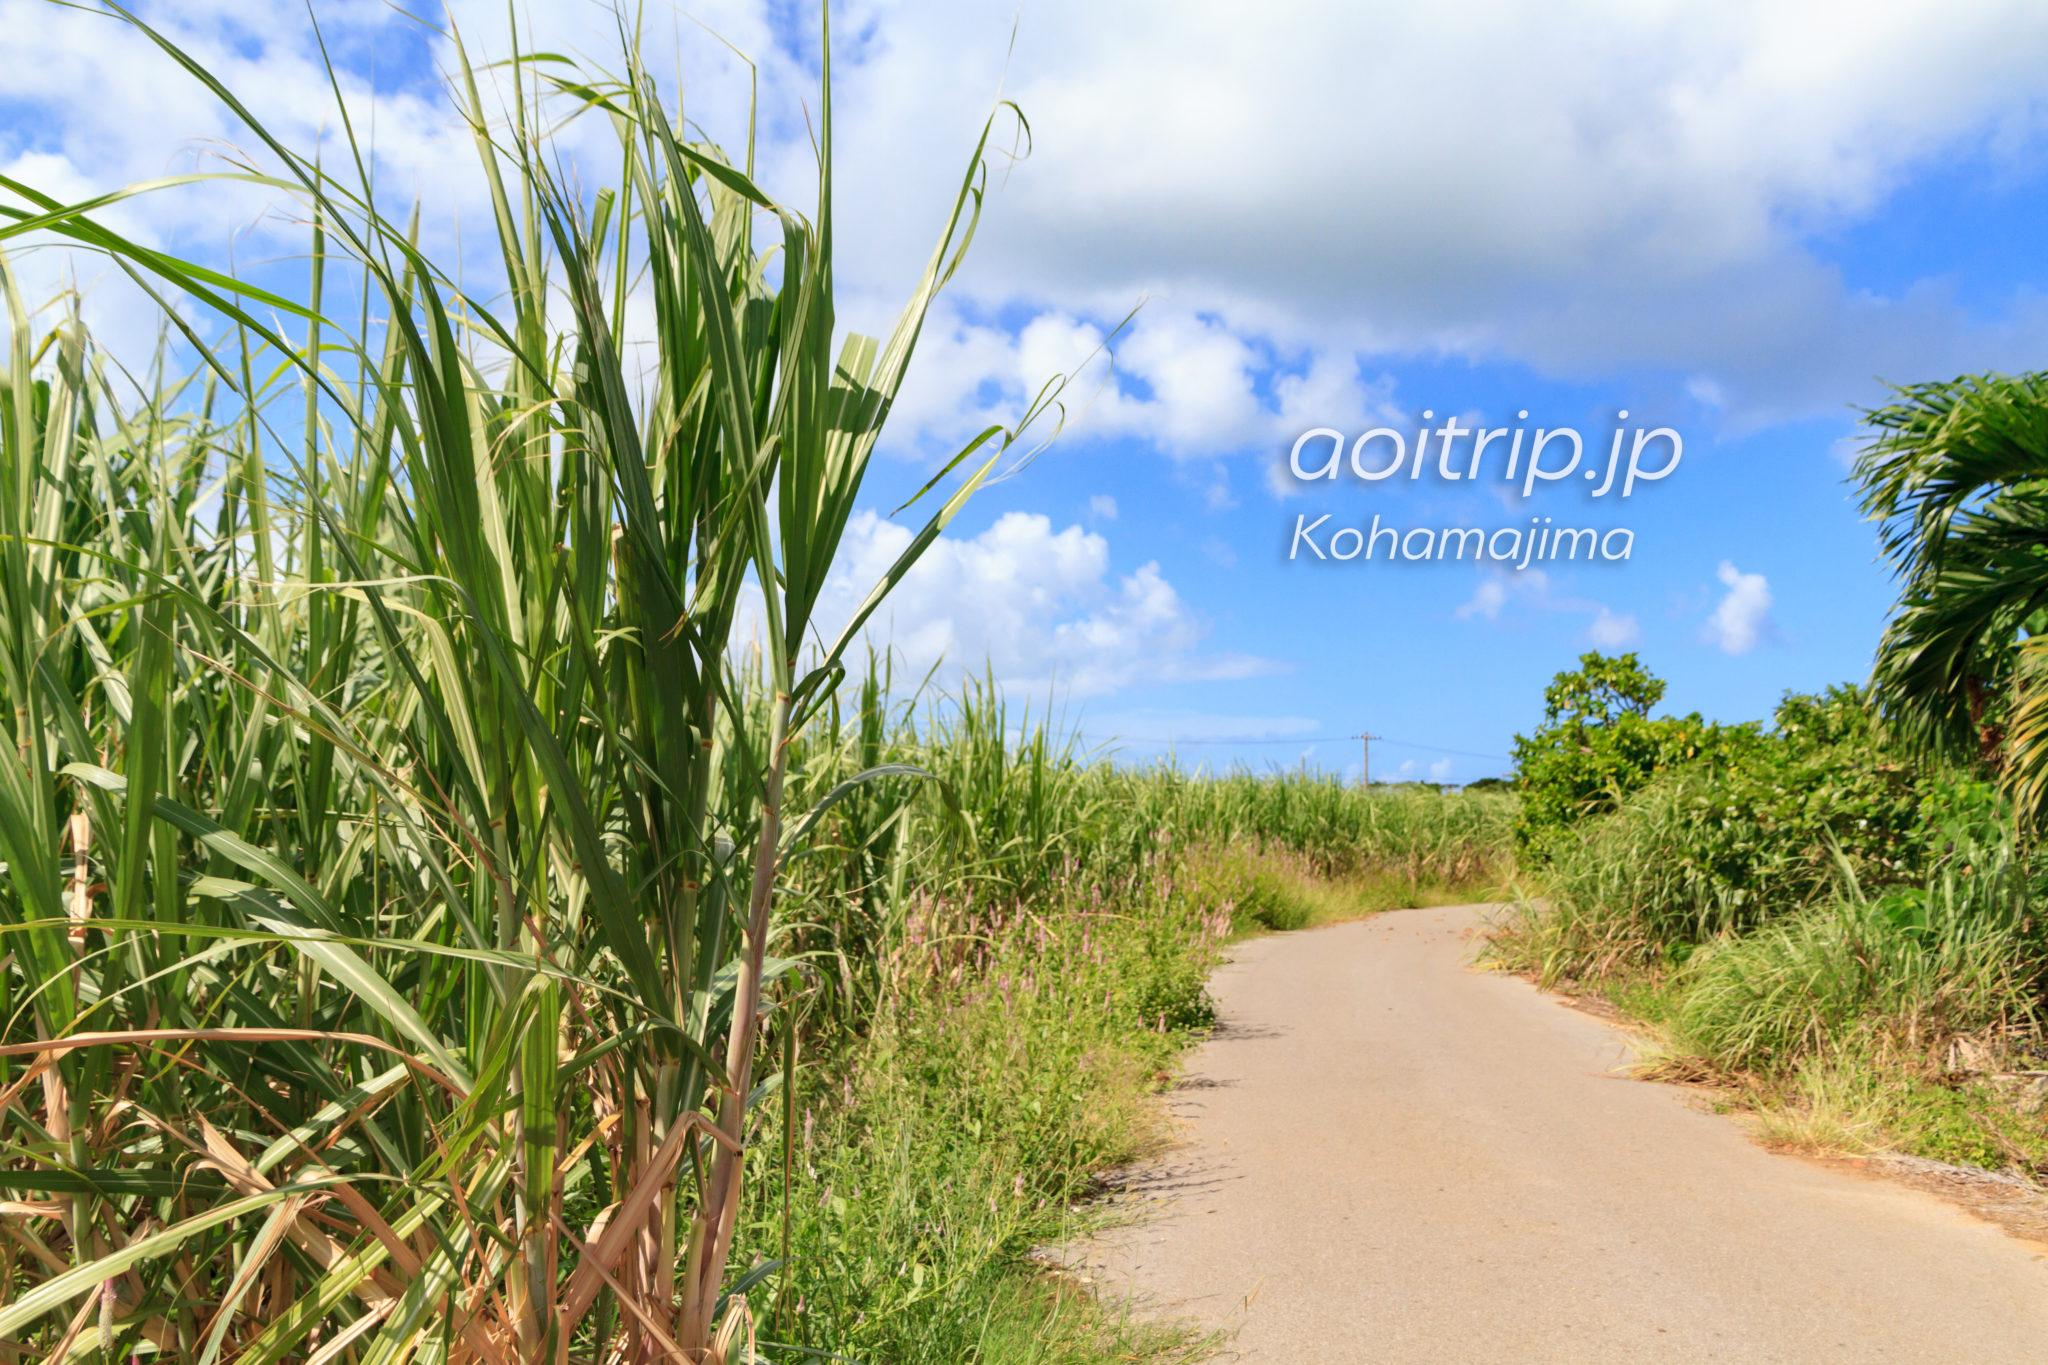 ちゅらさんの舞台、小浜島 観光の見どころ(沖縄・八重山諸島)